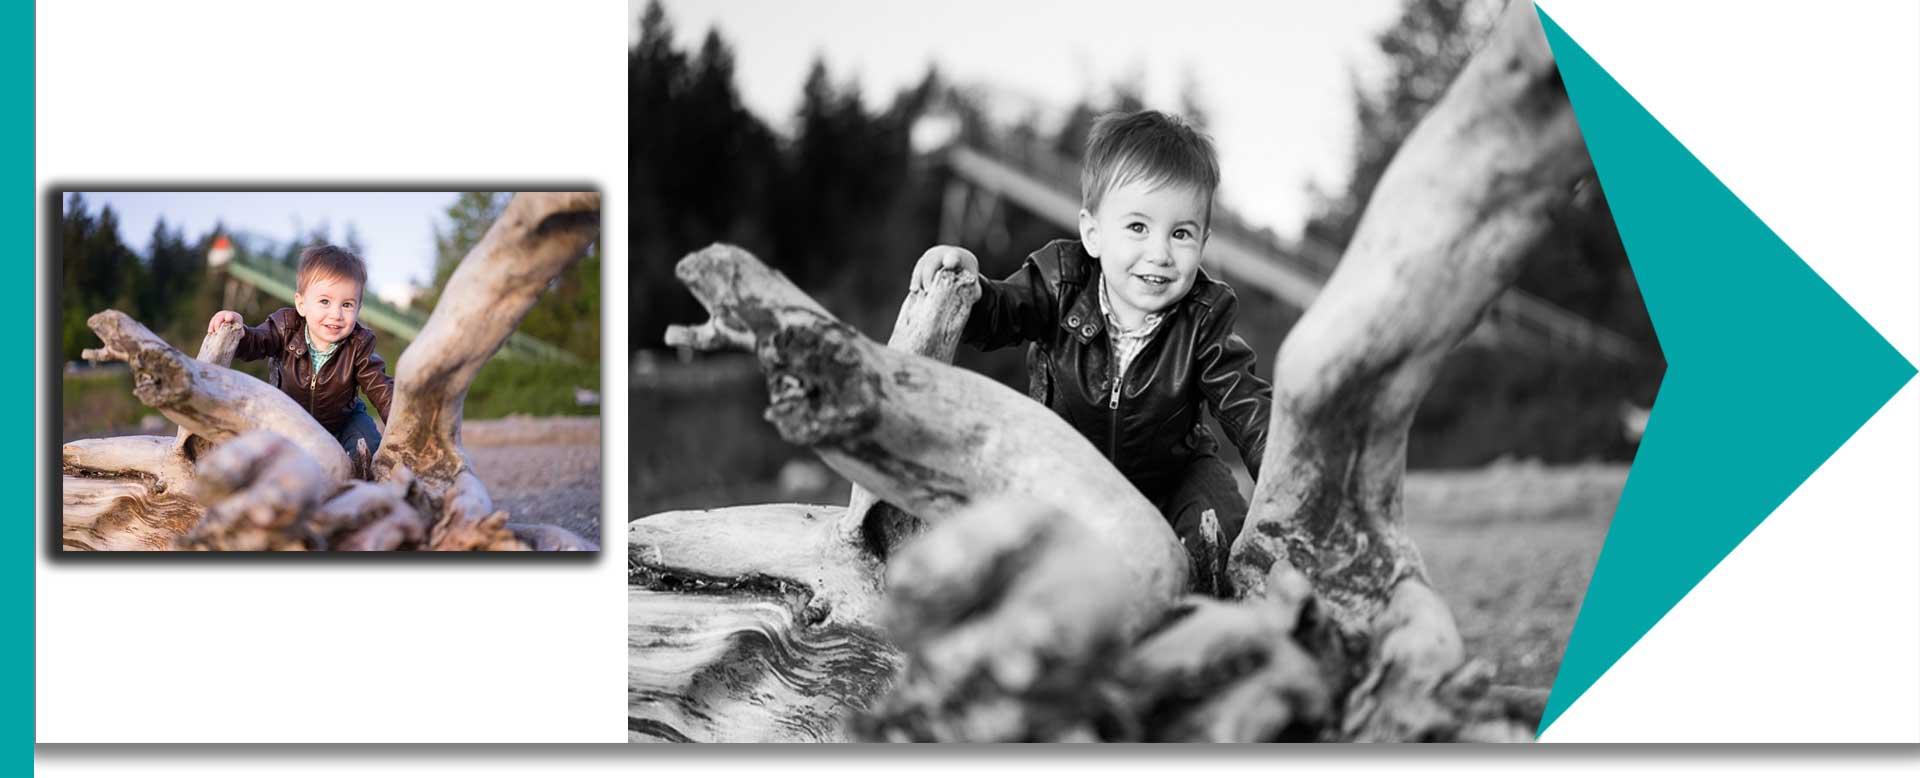 f Stunning Black and Whites 5jpg - ویژگی عکس های سیاه و سفید کدامند و چگونه میتوان به آنها دست یافت ؟